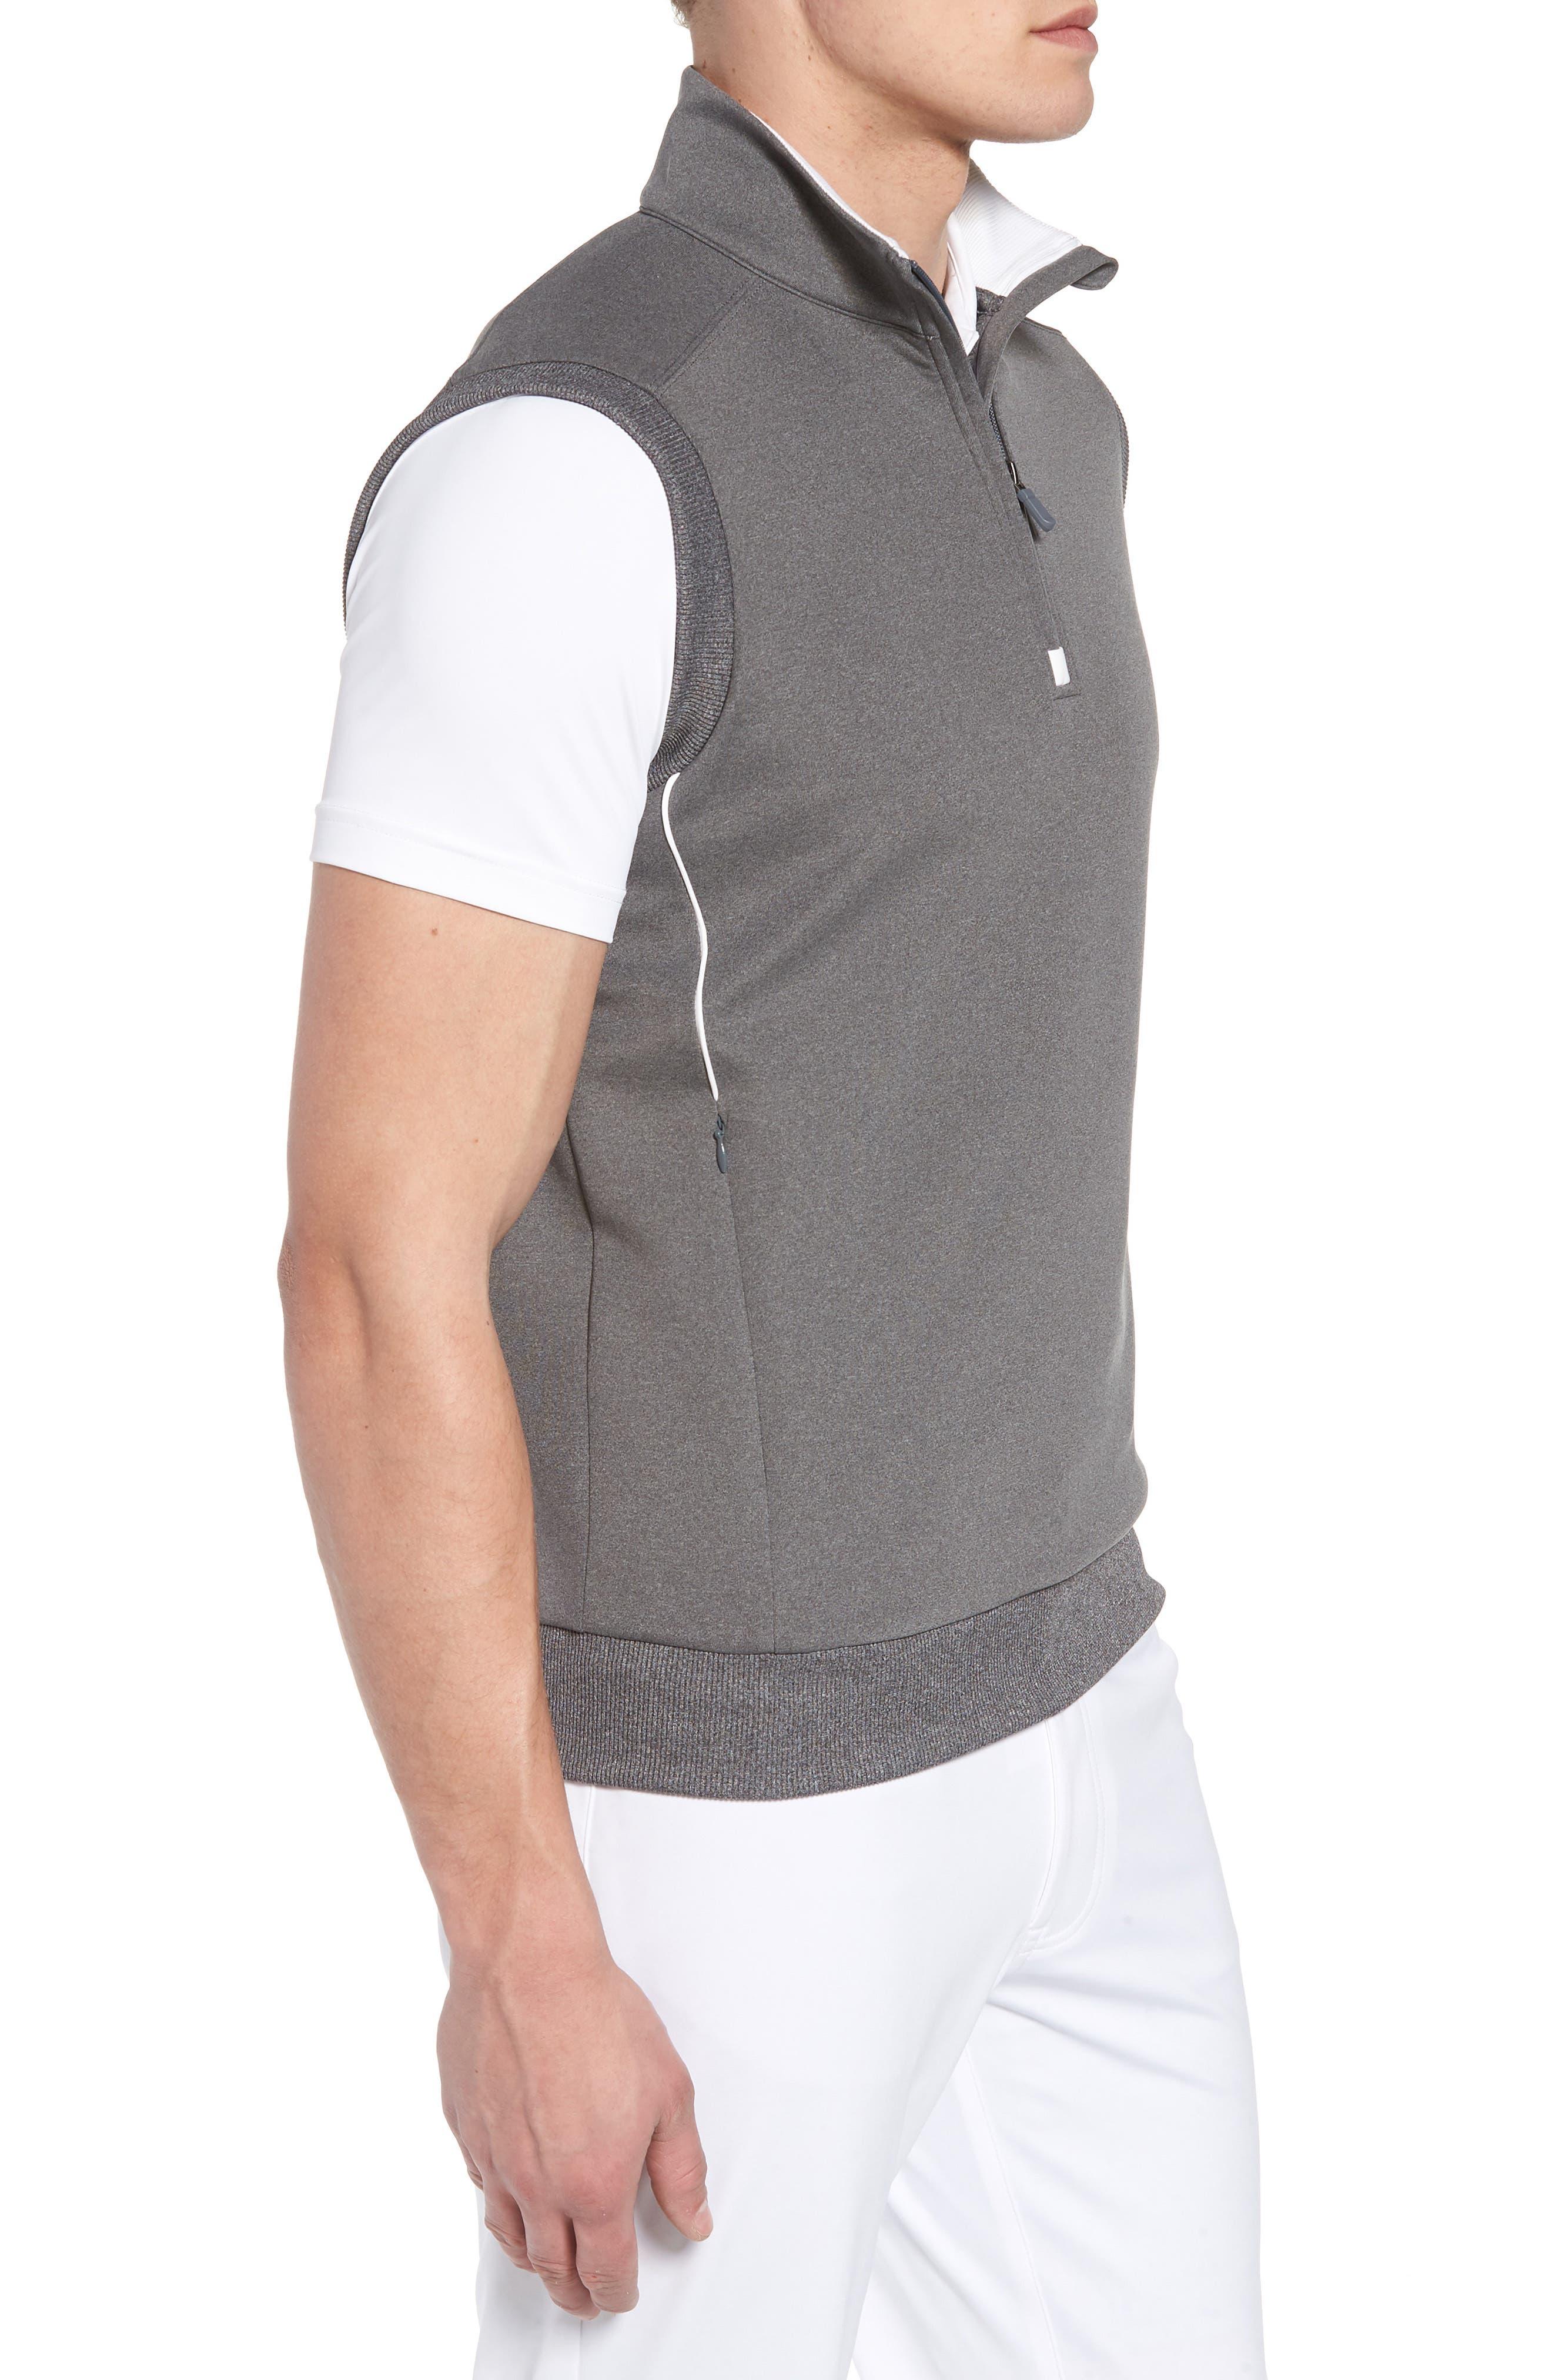 Quarter Zip Tech Vest,                             Alternate thumbnail 3, color,                             GRAPHITE HEATHER